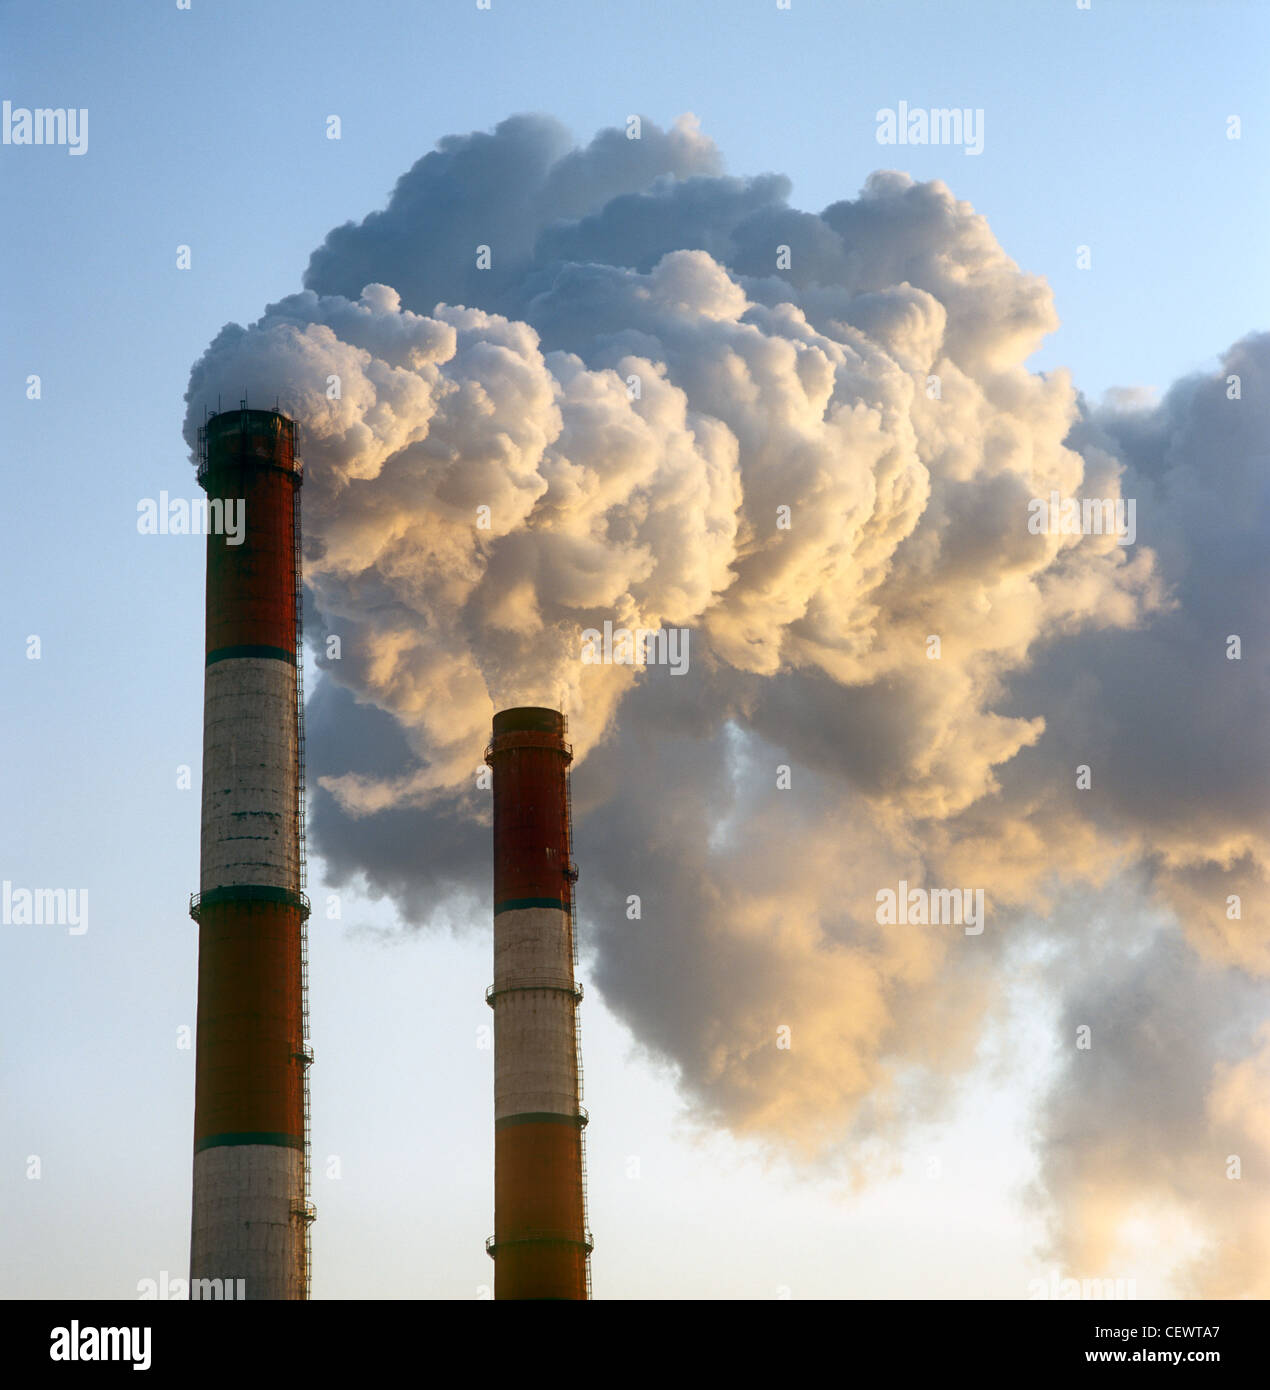 La contaminación del aire por el humo que sale de dos chimeneas de fábrica. Imagen De Stock